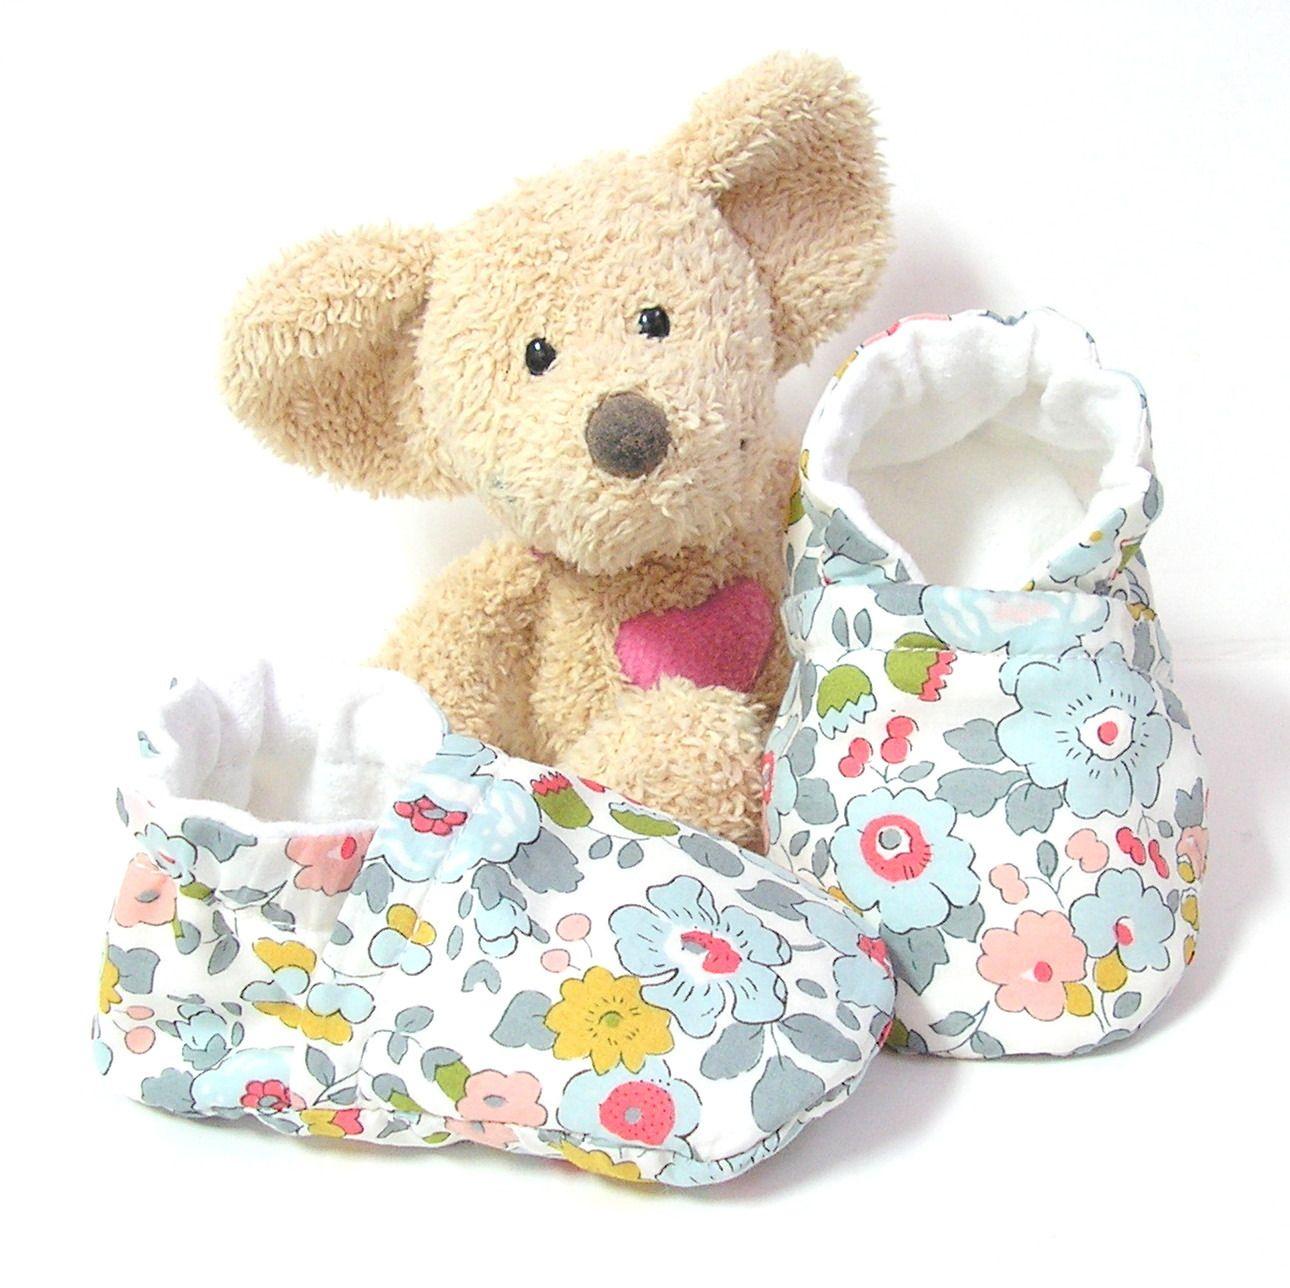 Chaussons bébé en Liberty Betsy porcelaine cheville élastique,coutures invisibles 3 mois Tricotmuse : Mode Bébé par tricotmuse